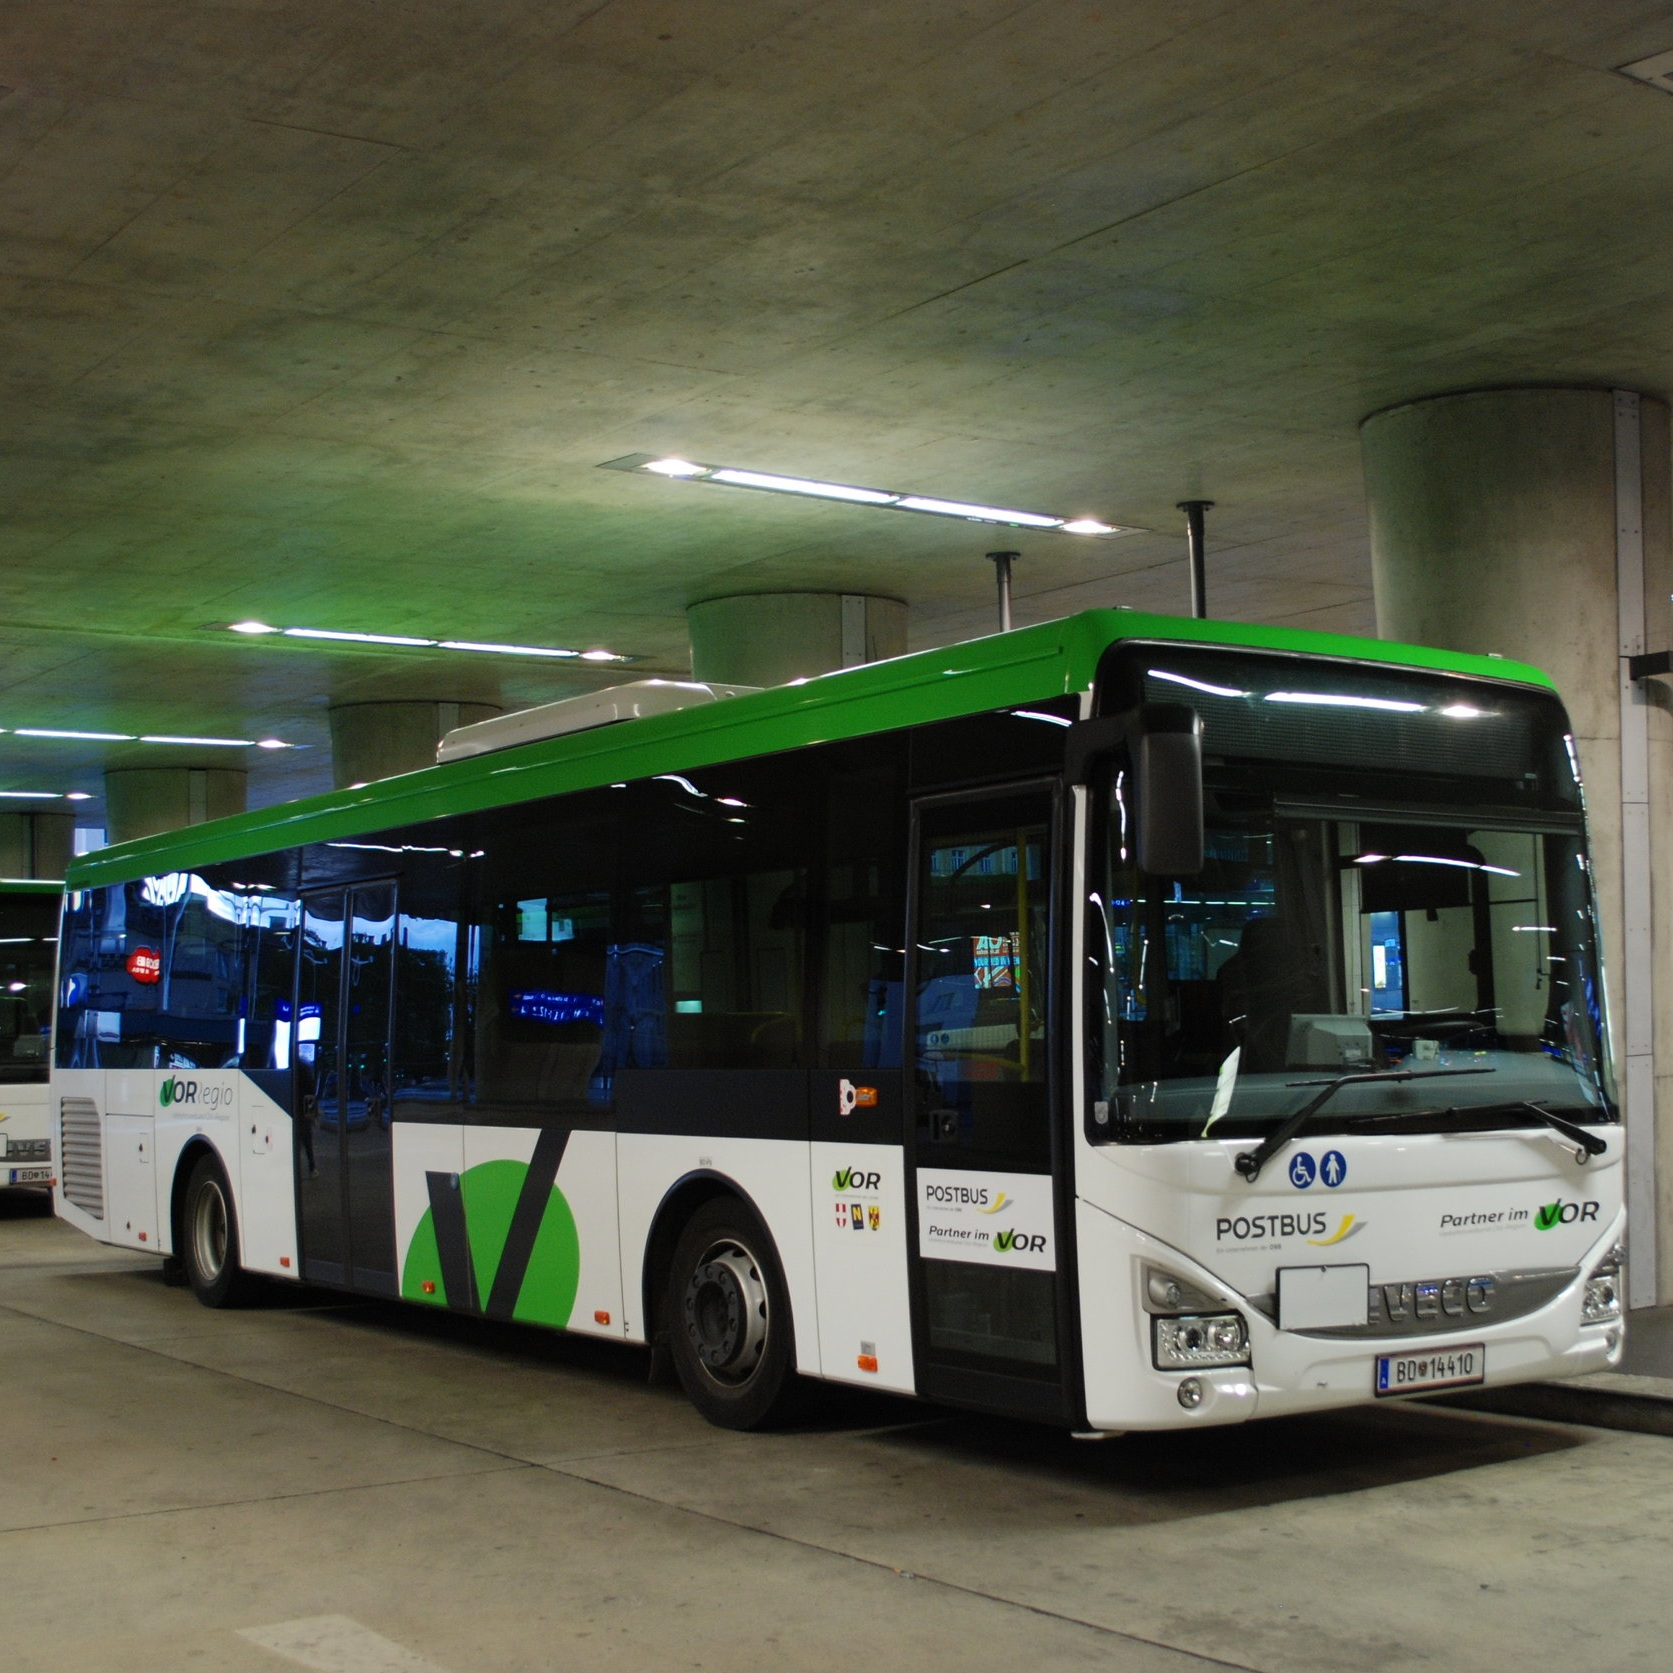 Autobus Iveco Crossway LE na autobusovém terminálu pod vídeňským hlavním nádražím. Terminál slouží především potřebám příměstské dopravy, jsou odtud ale také vypravovány některé spoje dálkových autobusů. (foto: Libor Hinčica)